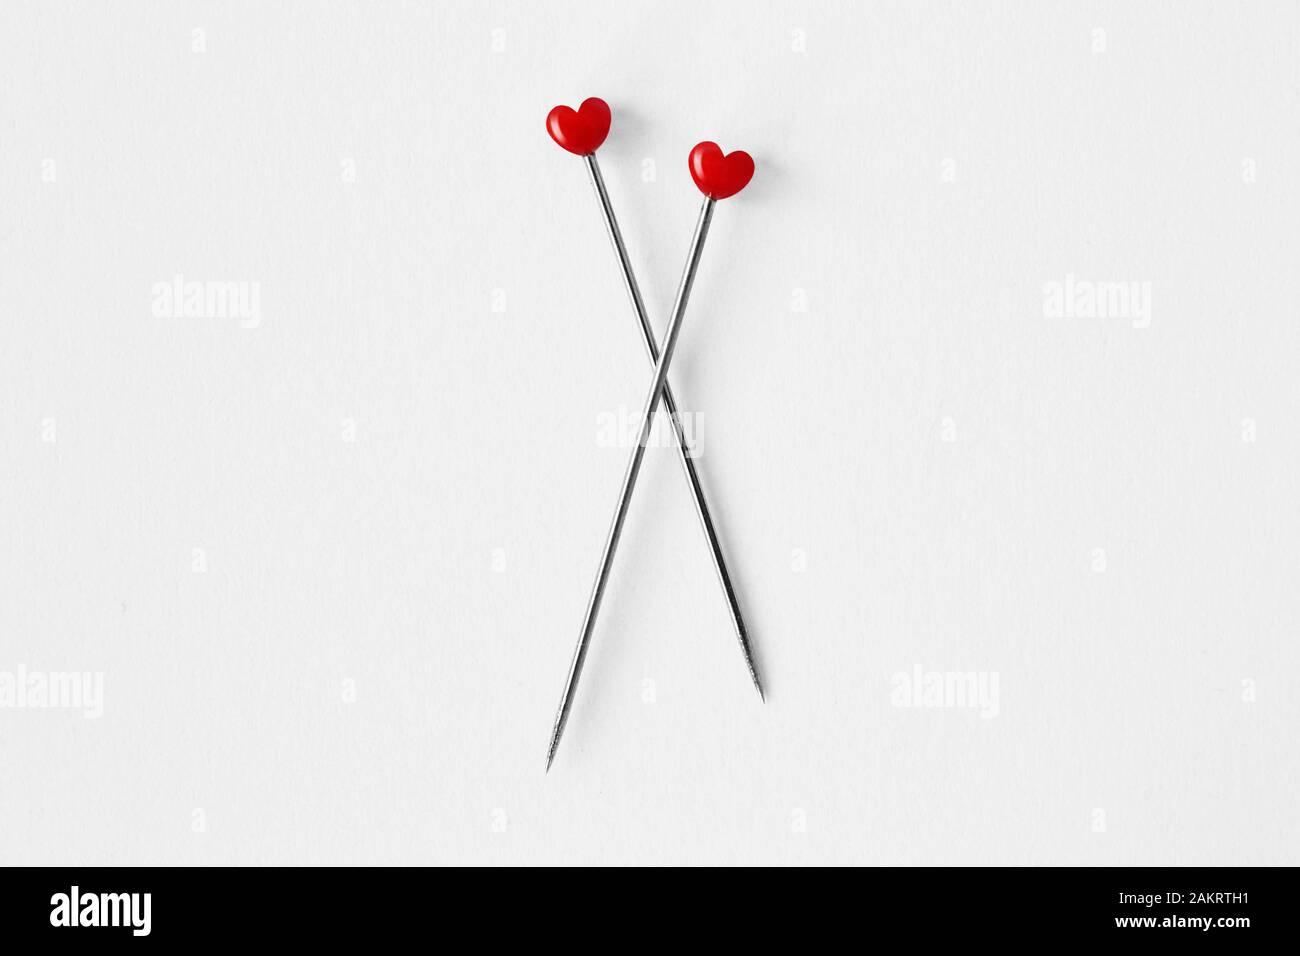 Zwei herzförmige Stifte auf weißem Hintergrund - Konzept von Liebe und Beziehung Stockfoto